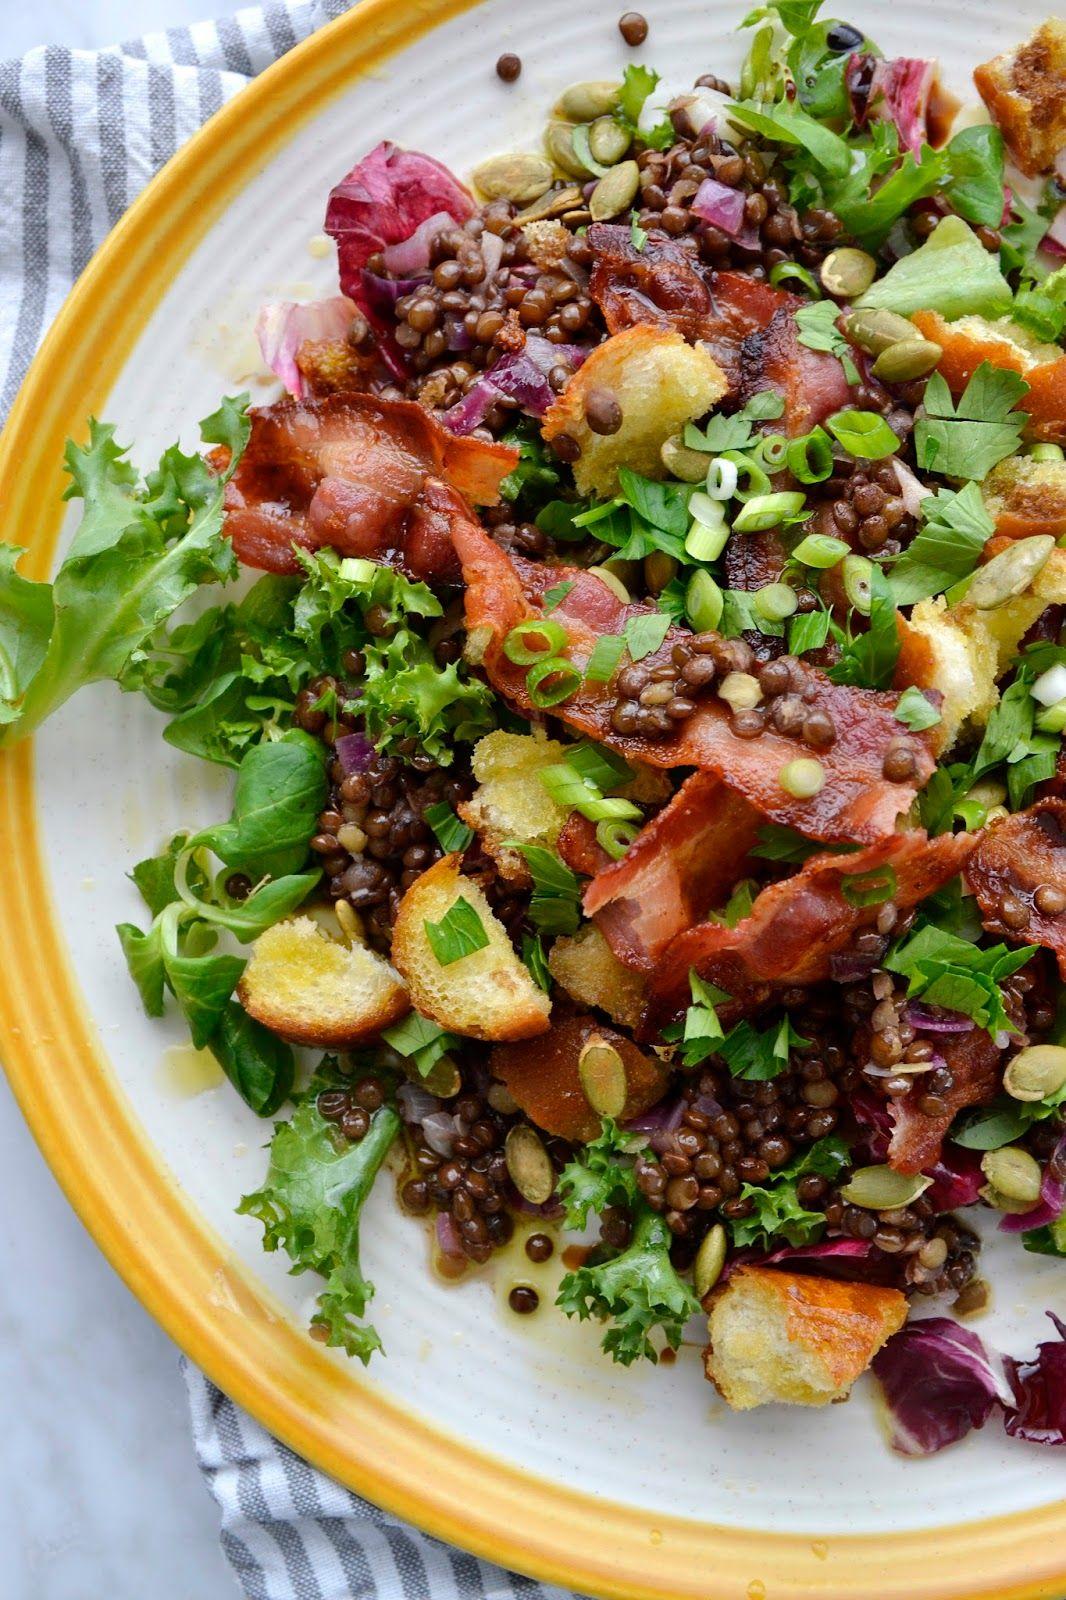 Salade De Lentilles Lardons : salade, lentilles, lardons, Simple, Comme, Salade, Lentilles, Croustillant, Cuisine, C'est, Lentilles,, Recette, Plat,